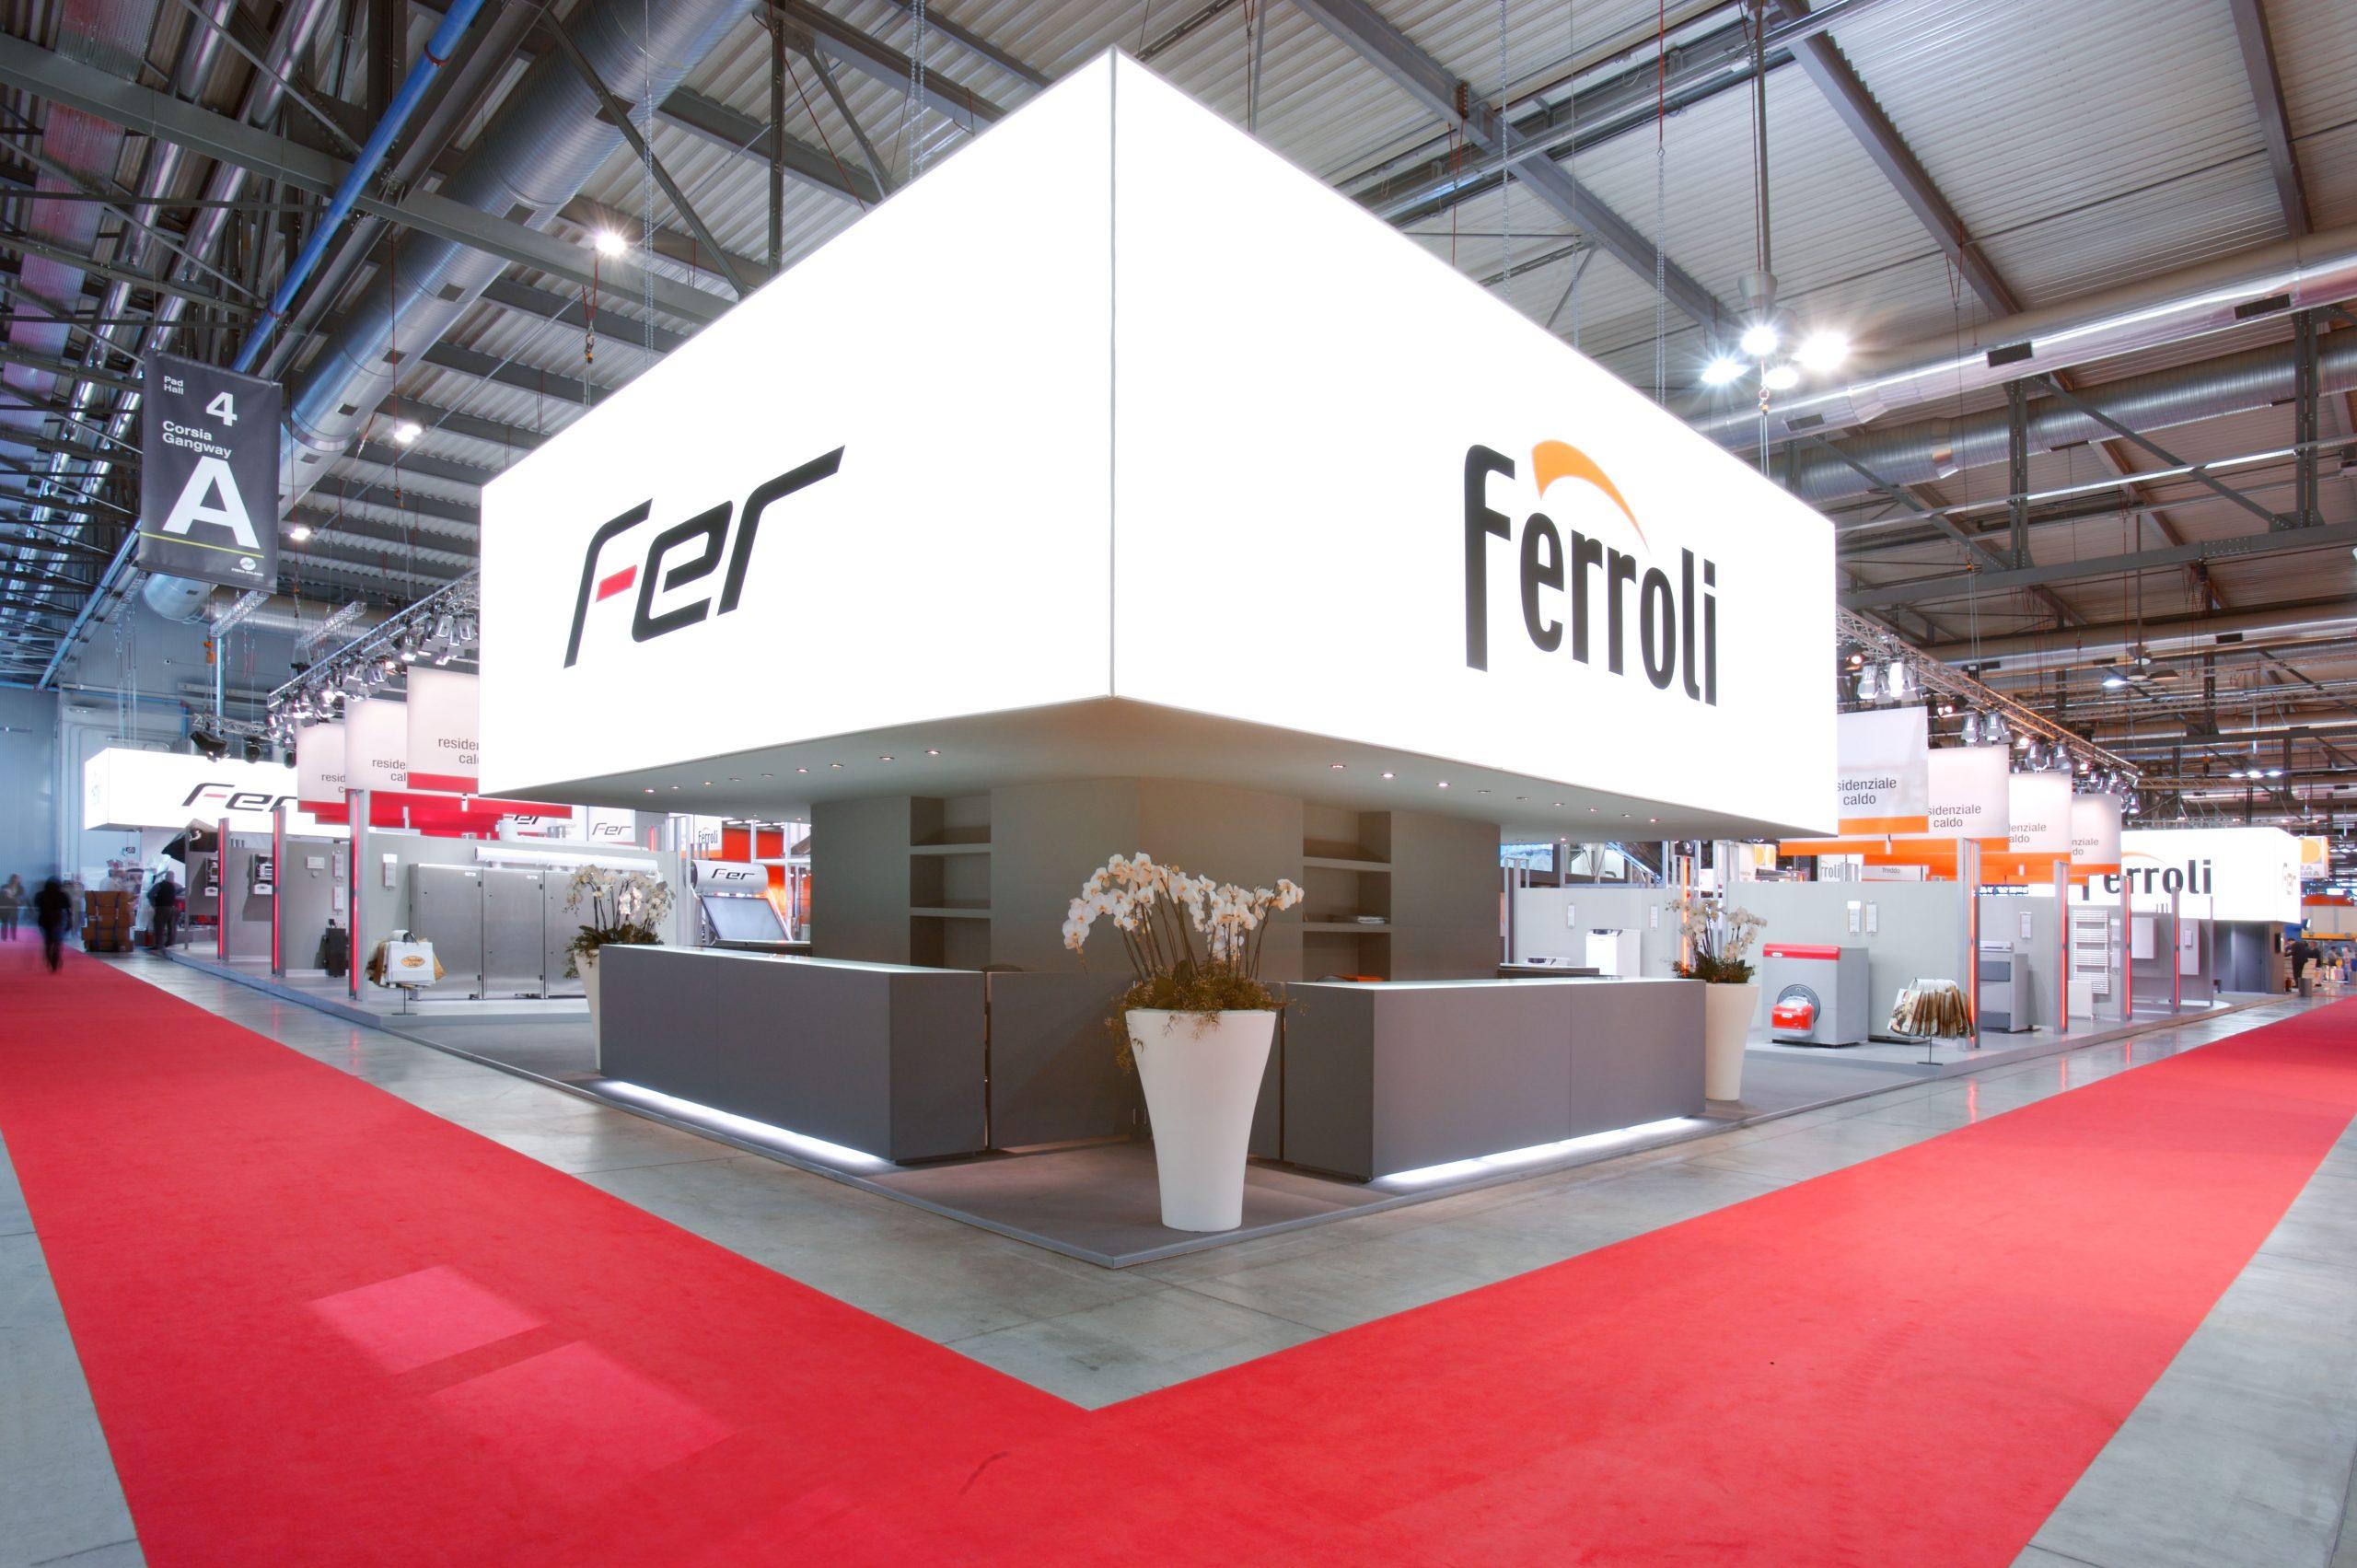 1-Ferroli-Mostra-Convegno-2008-Milano